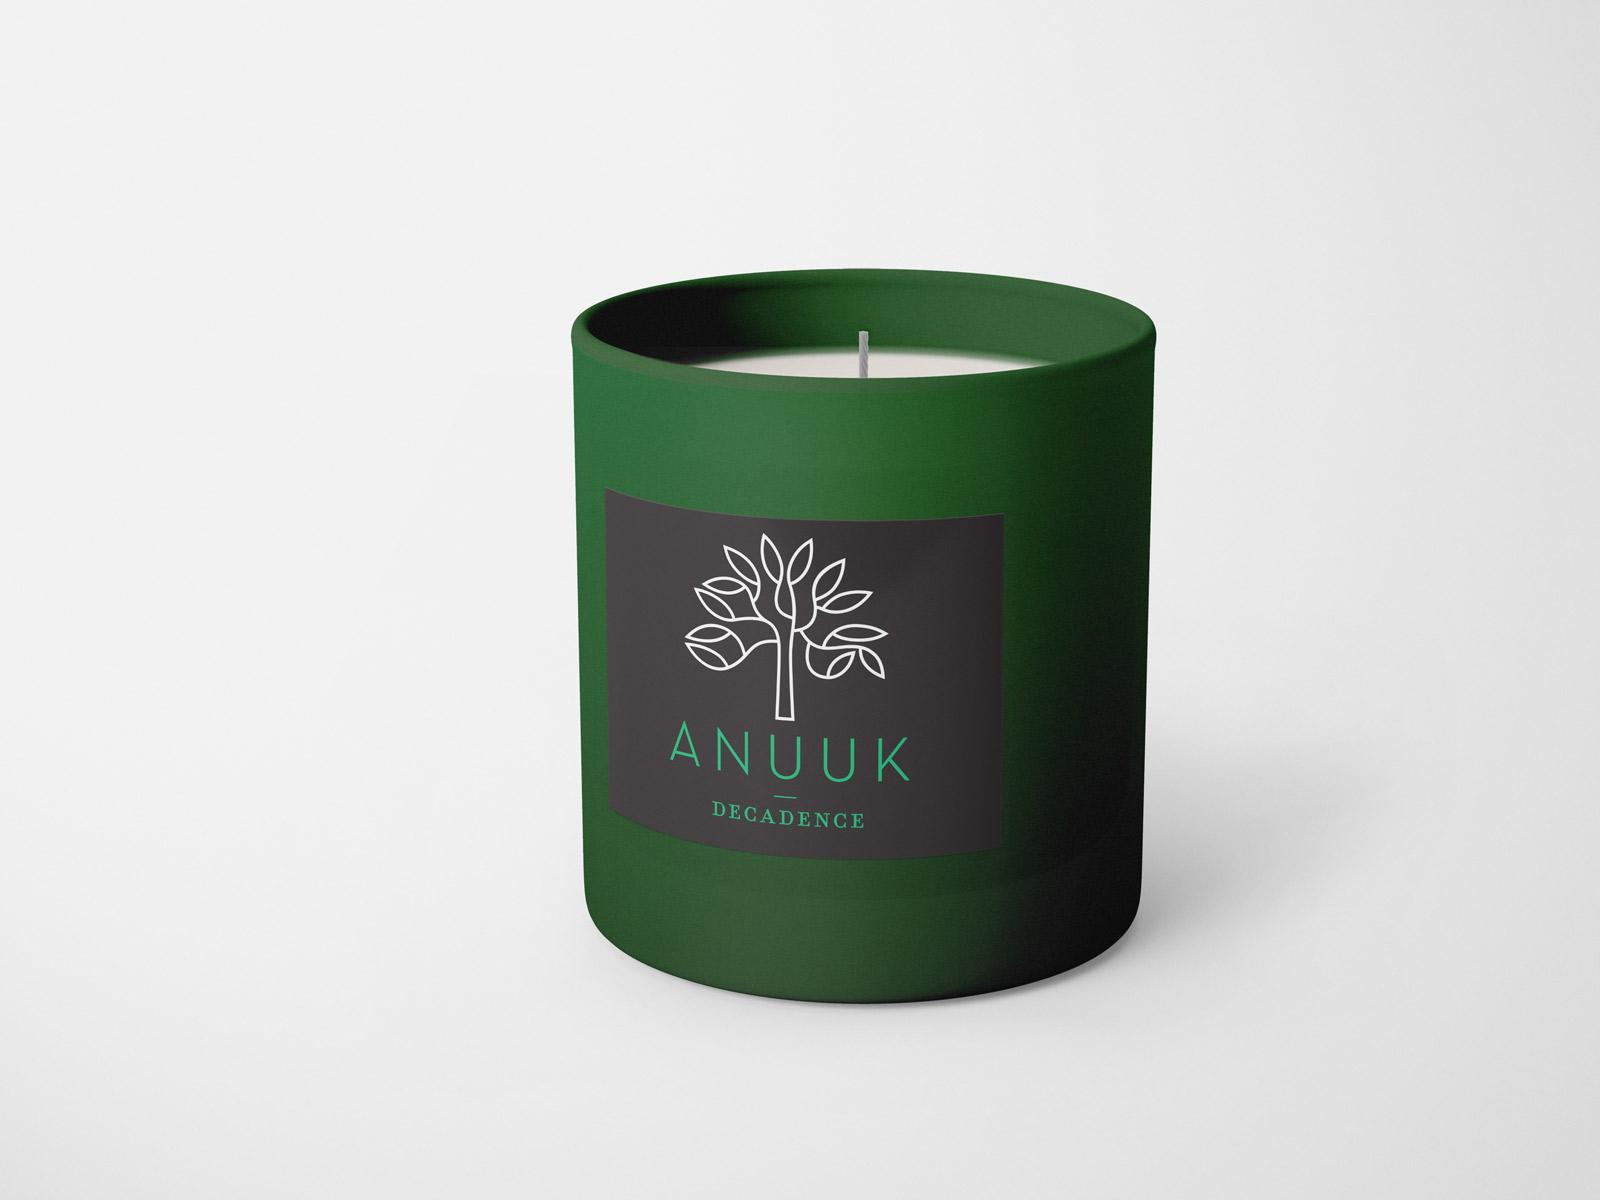 anuuk-candle-2018-09-05